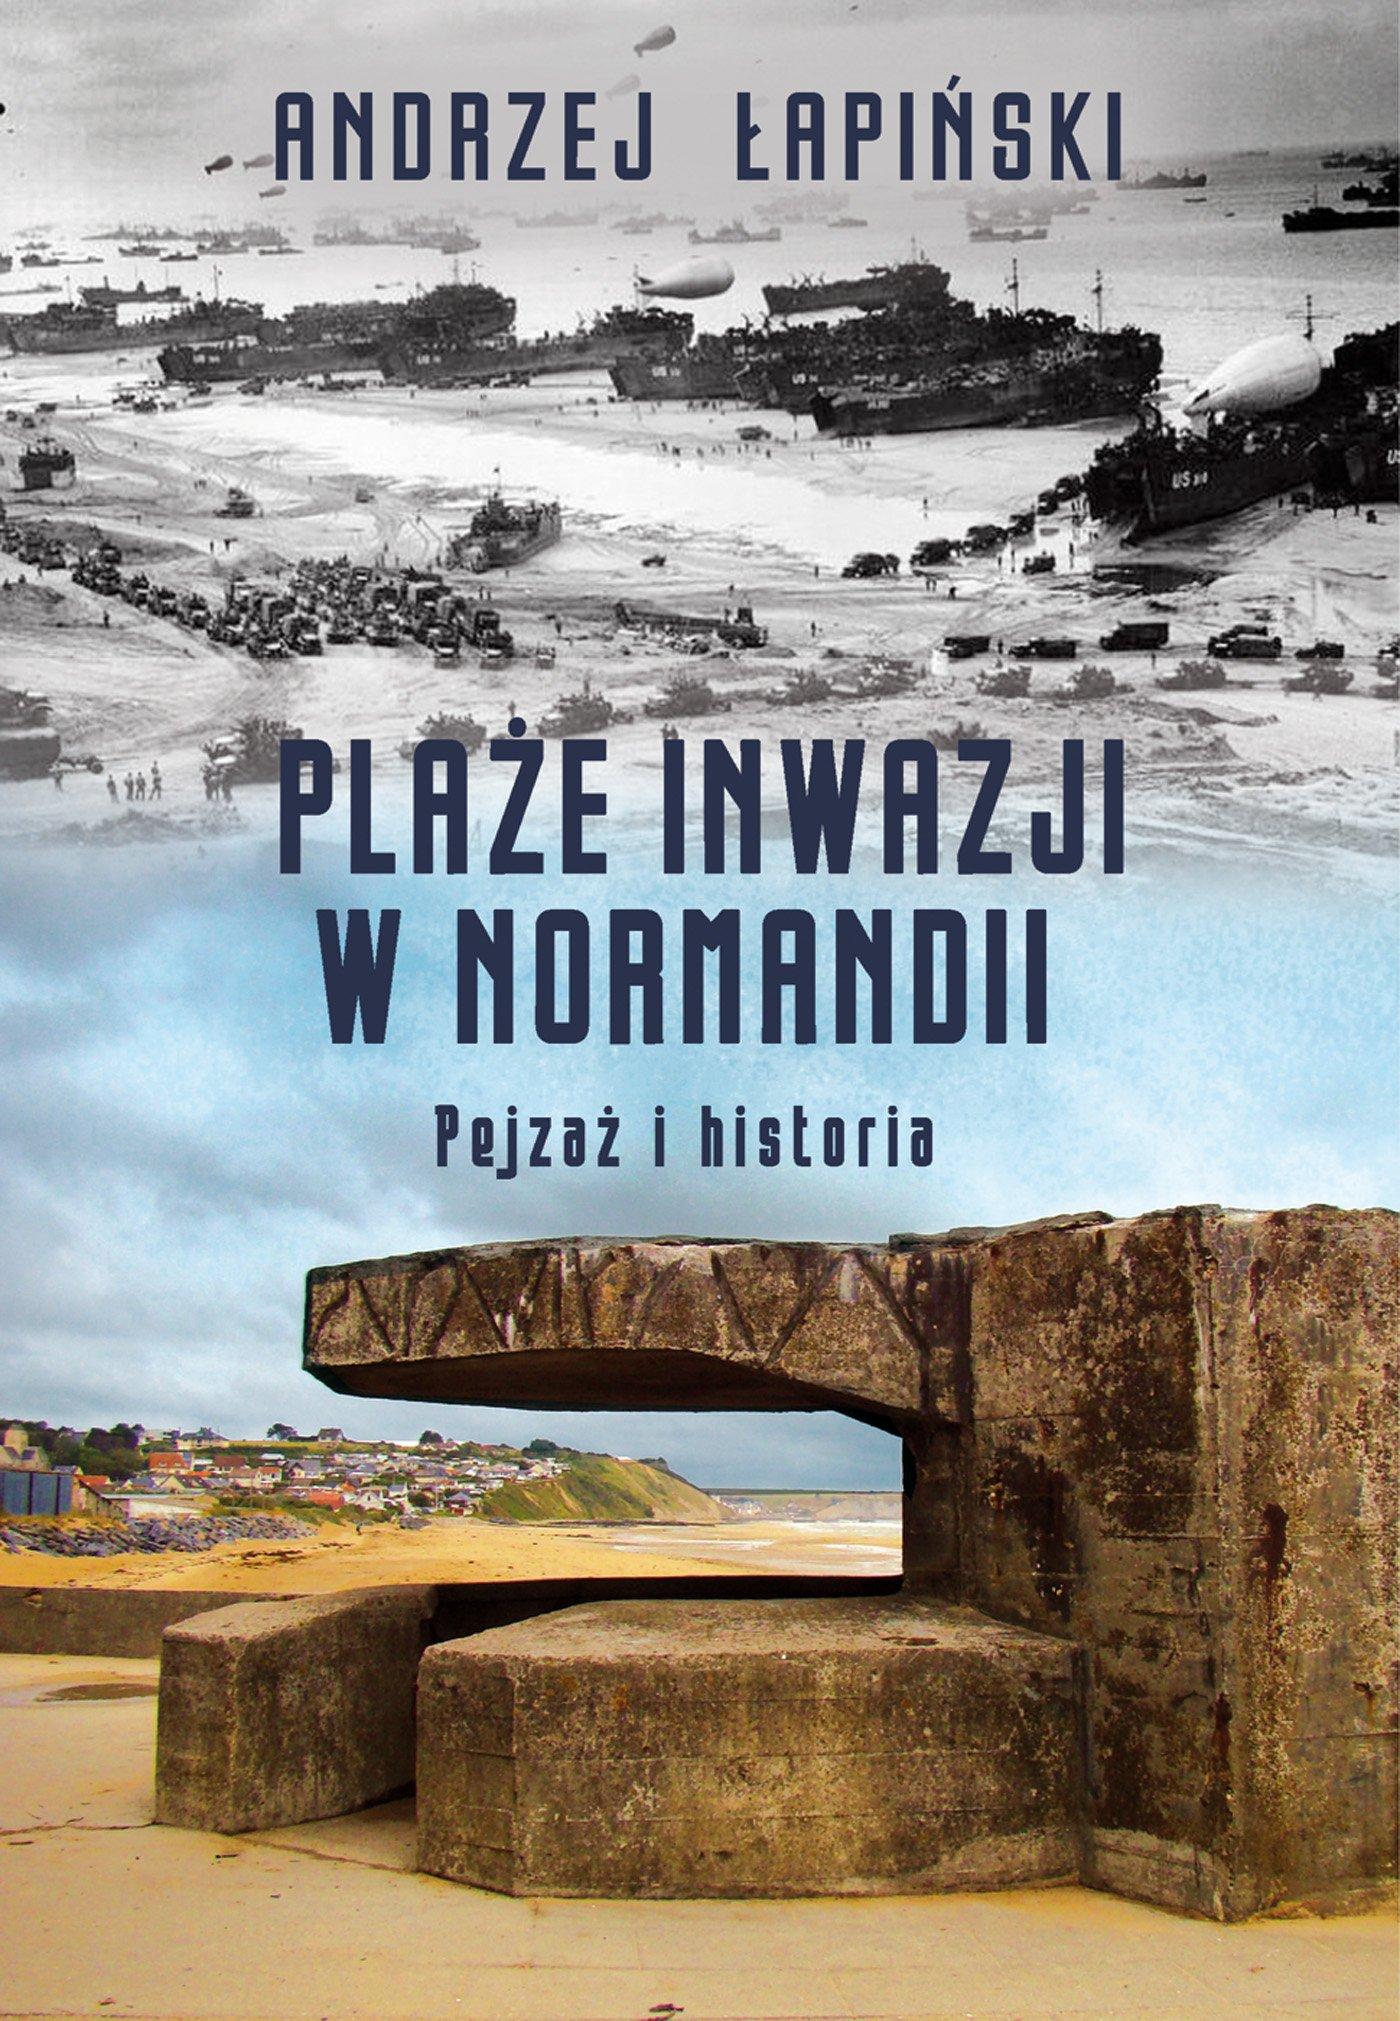 Plaże inwazji w Normandii. Pejzaż i historia - Ebook (Książka EPUB) do pobrania w formacie EPUB